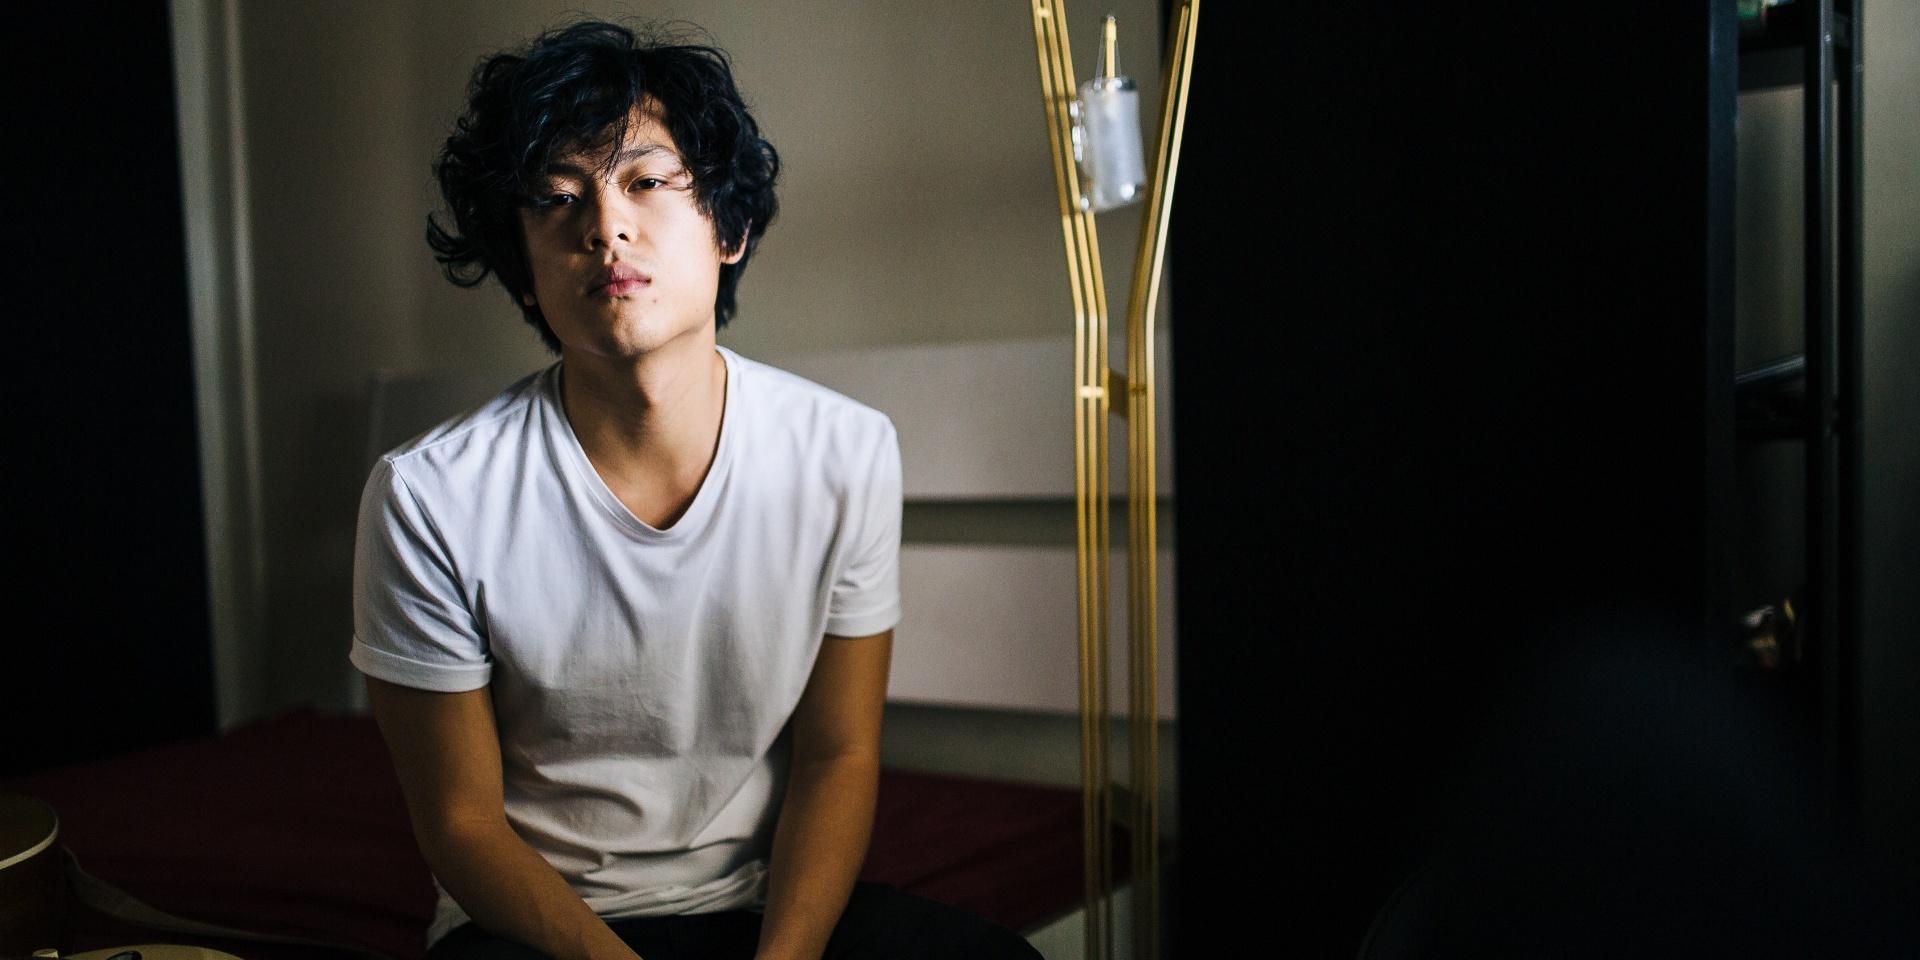 Dru Chen releases debut album, Mirror Work – listen